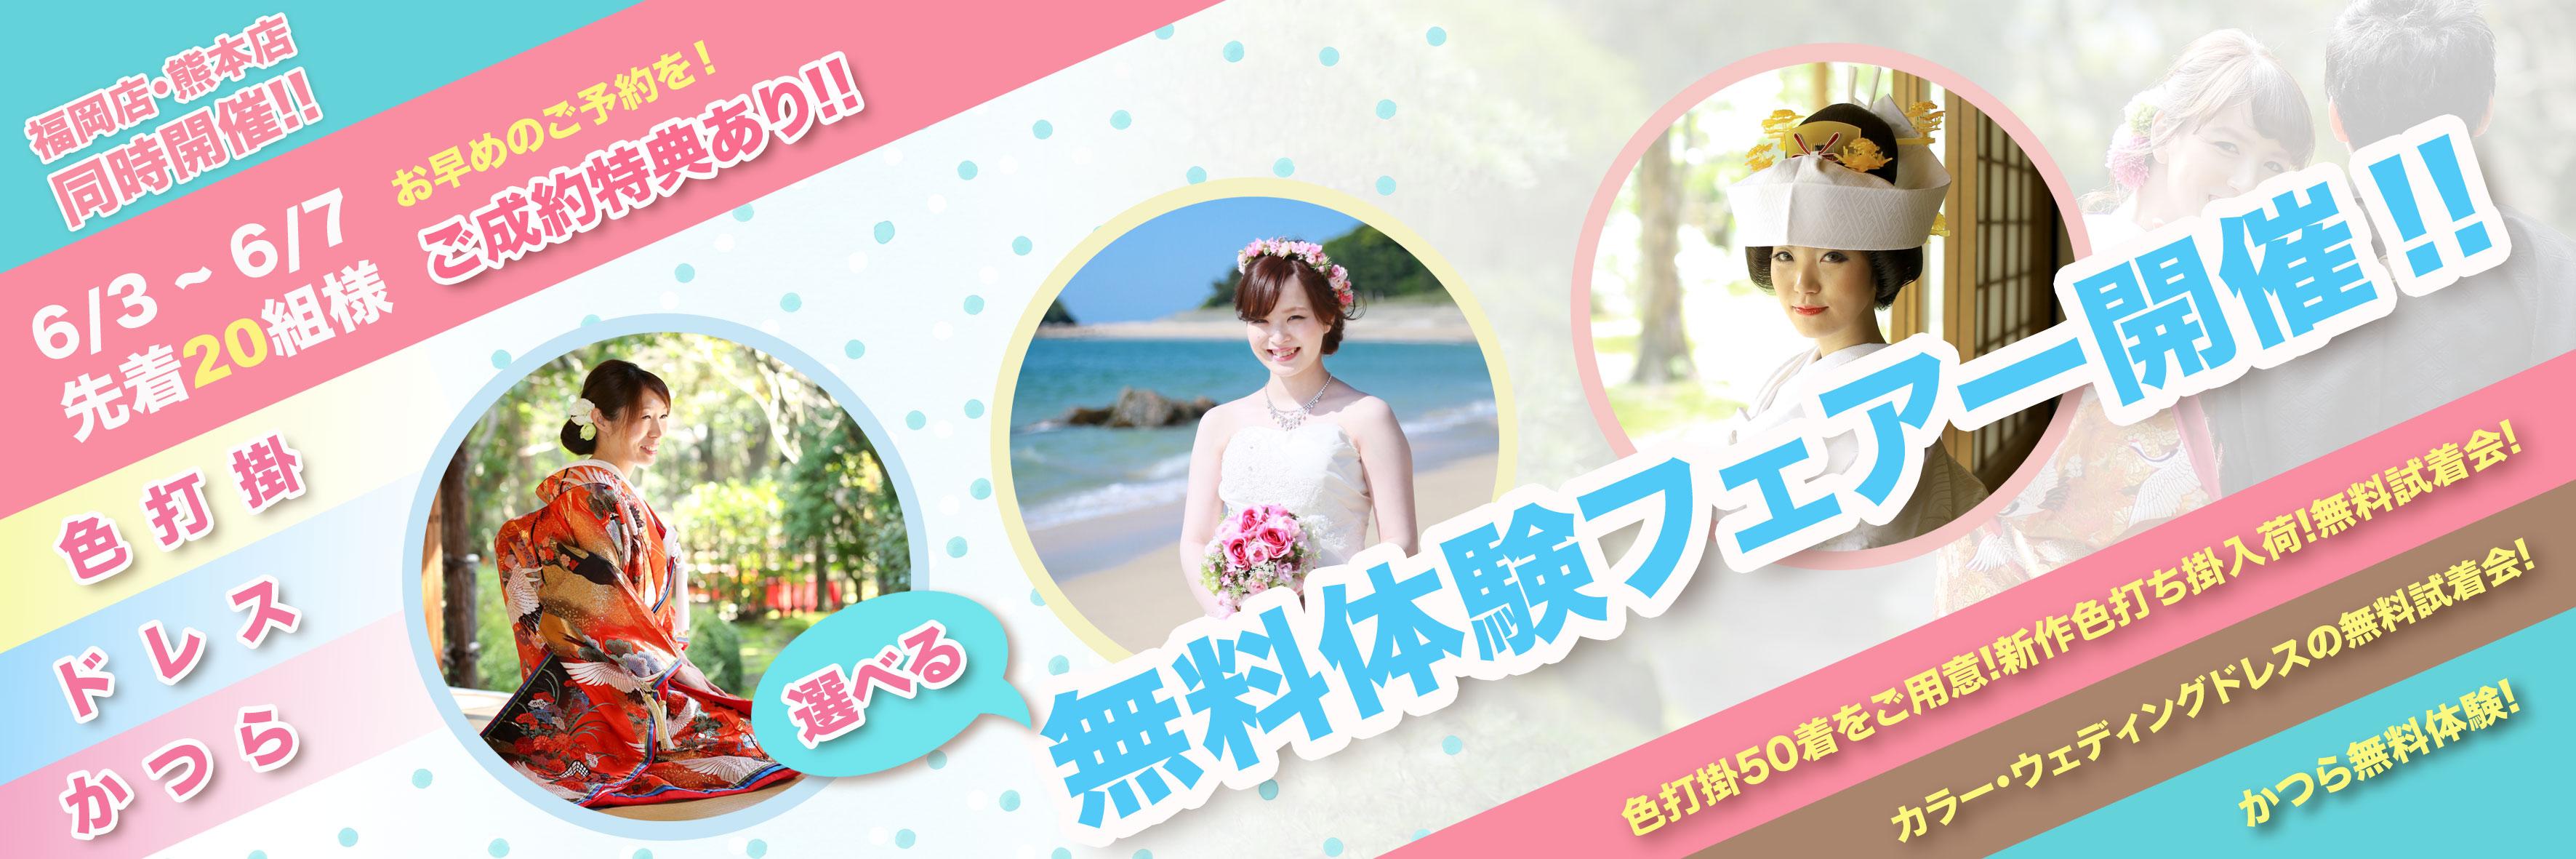 福岡前撮り衣裳レンタル和装色打掛ドレス洋装かつら日本伝統無料体験熊本